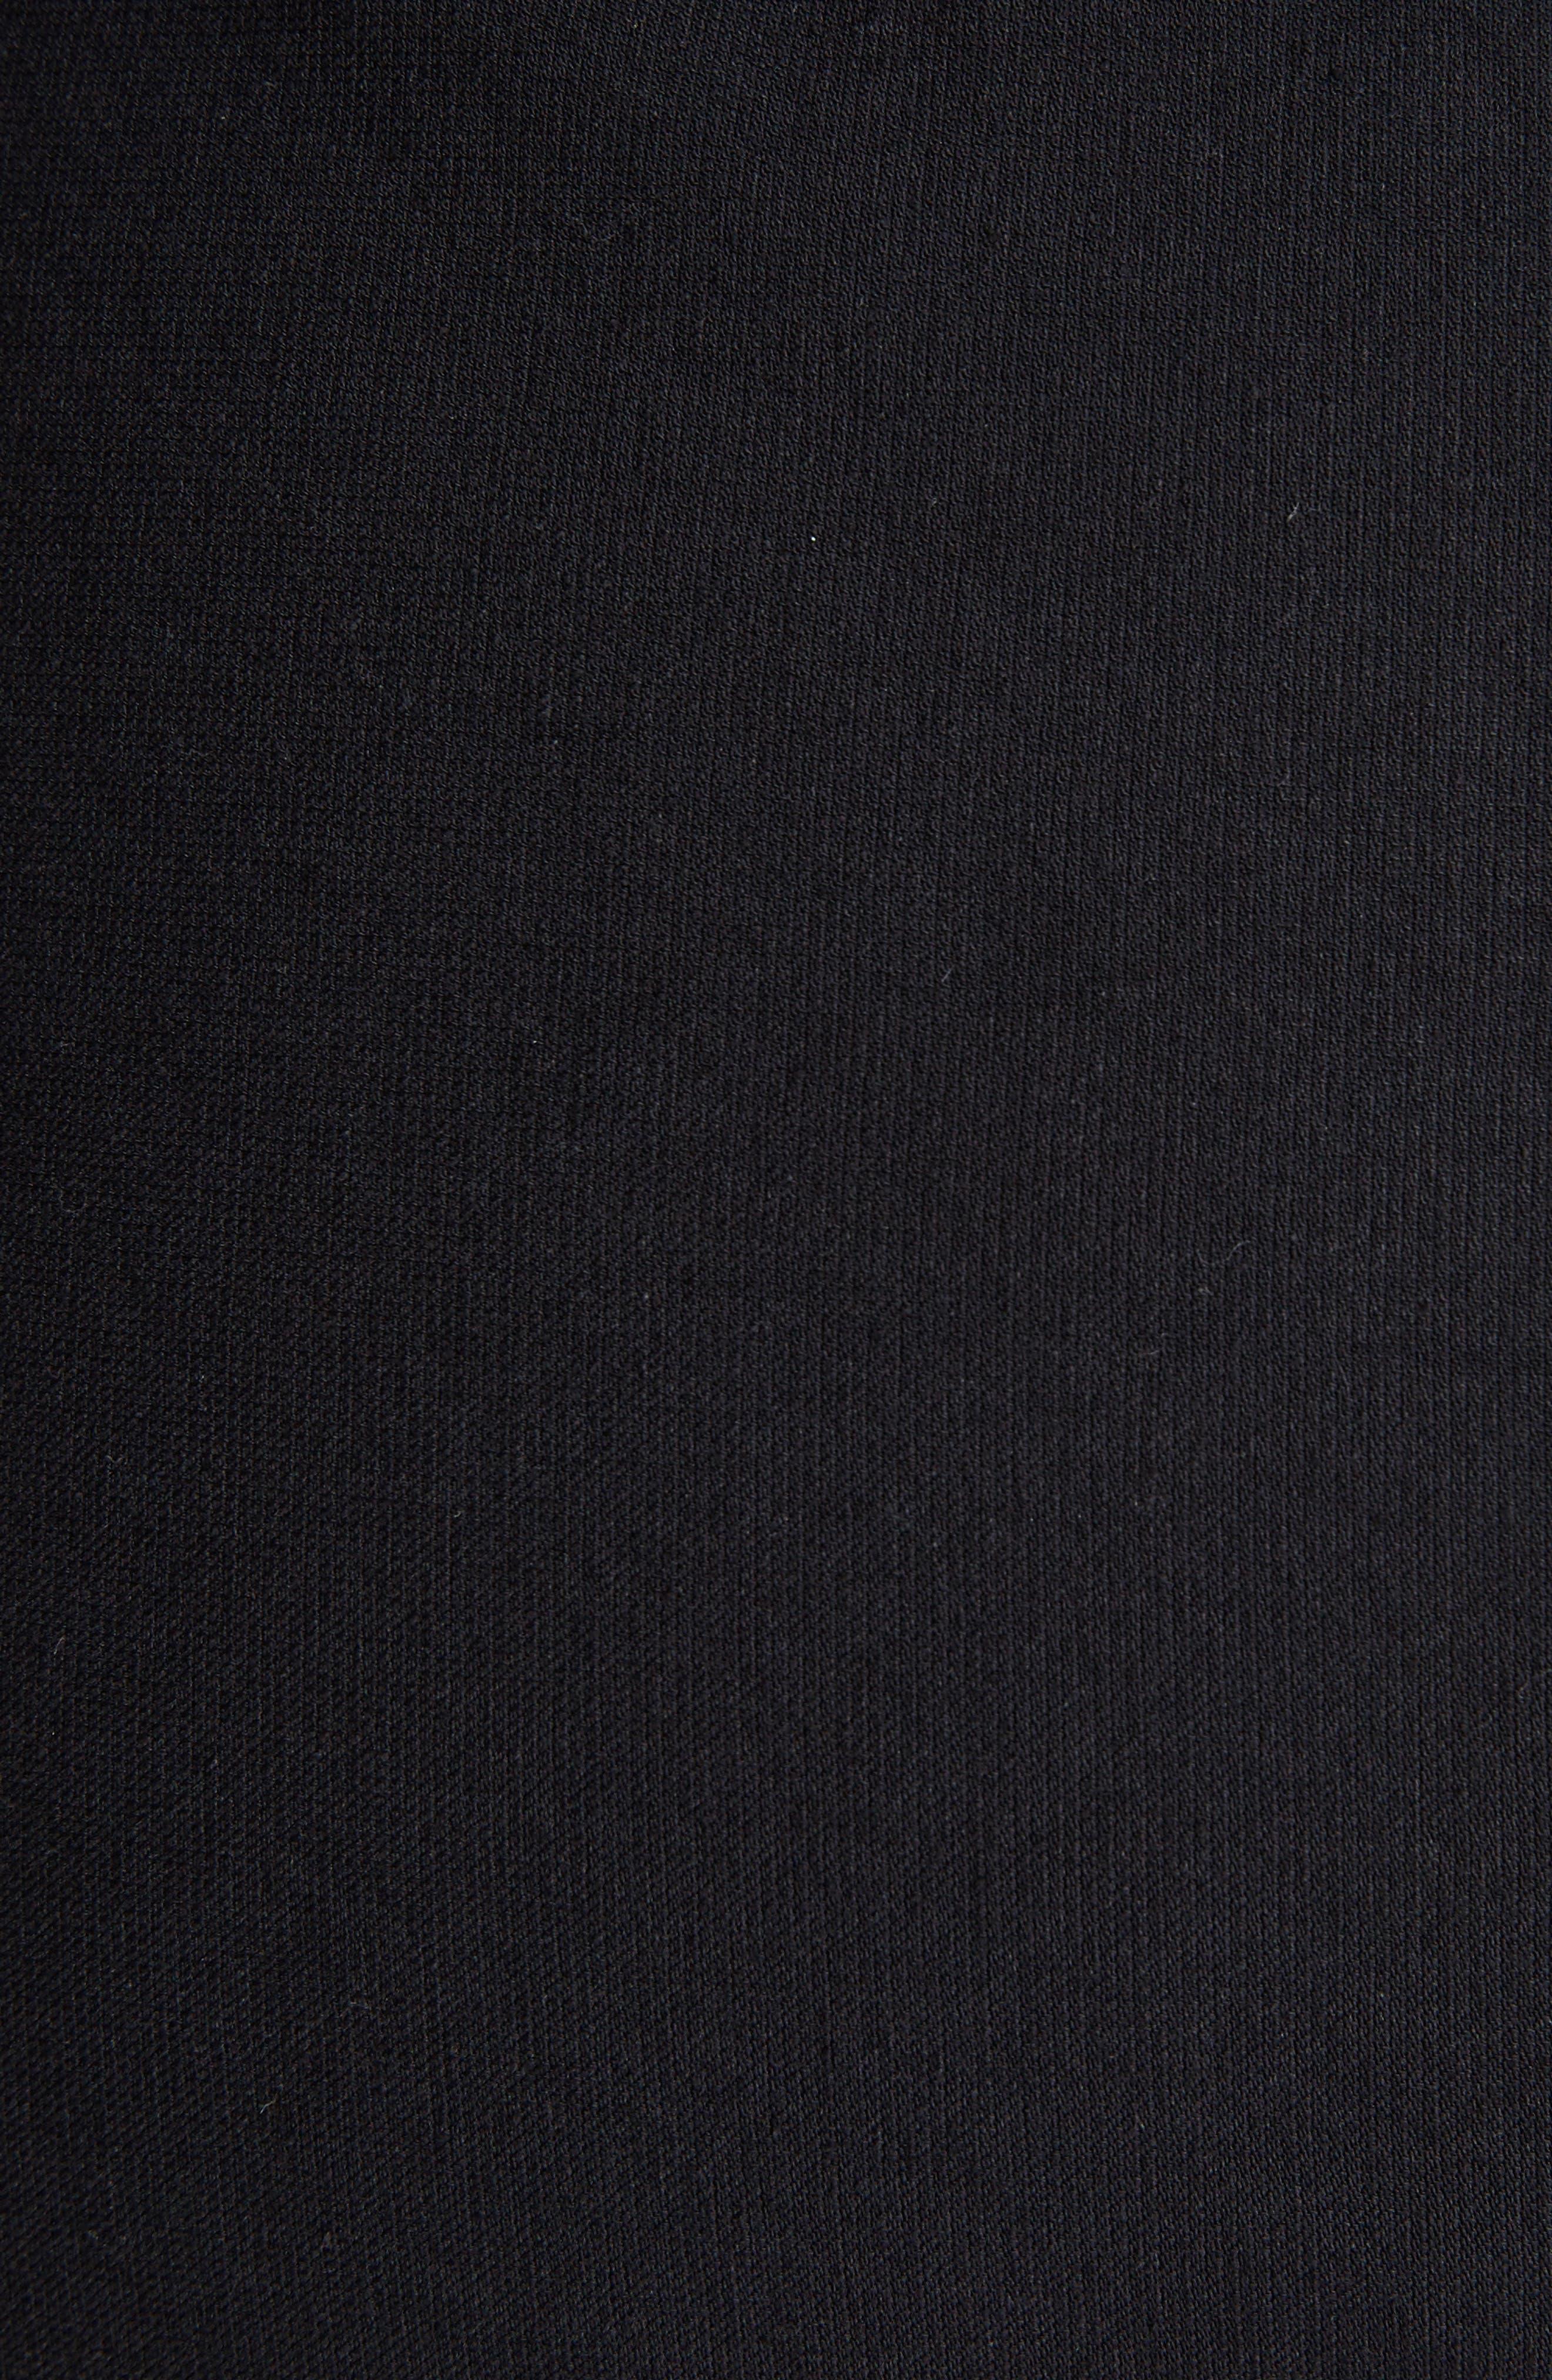 Lefly Ruffle Miniskirt,                             Alternate thumbnail 5, color,                             Black